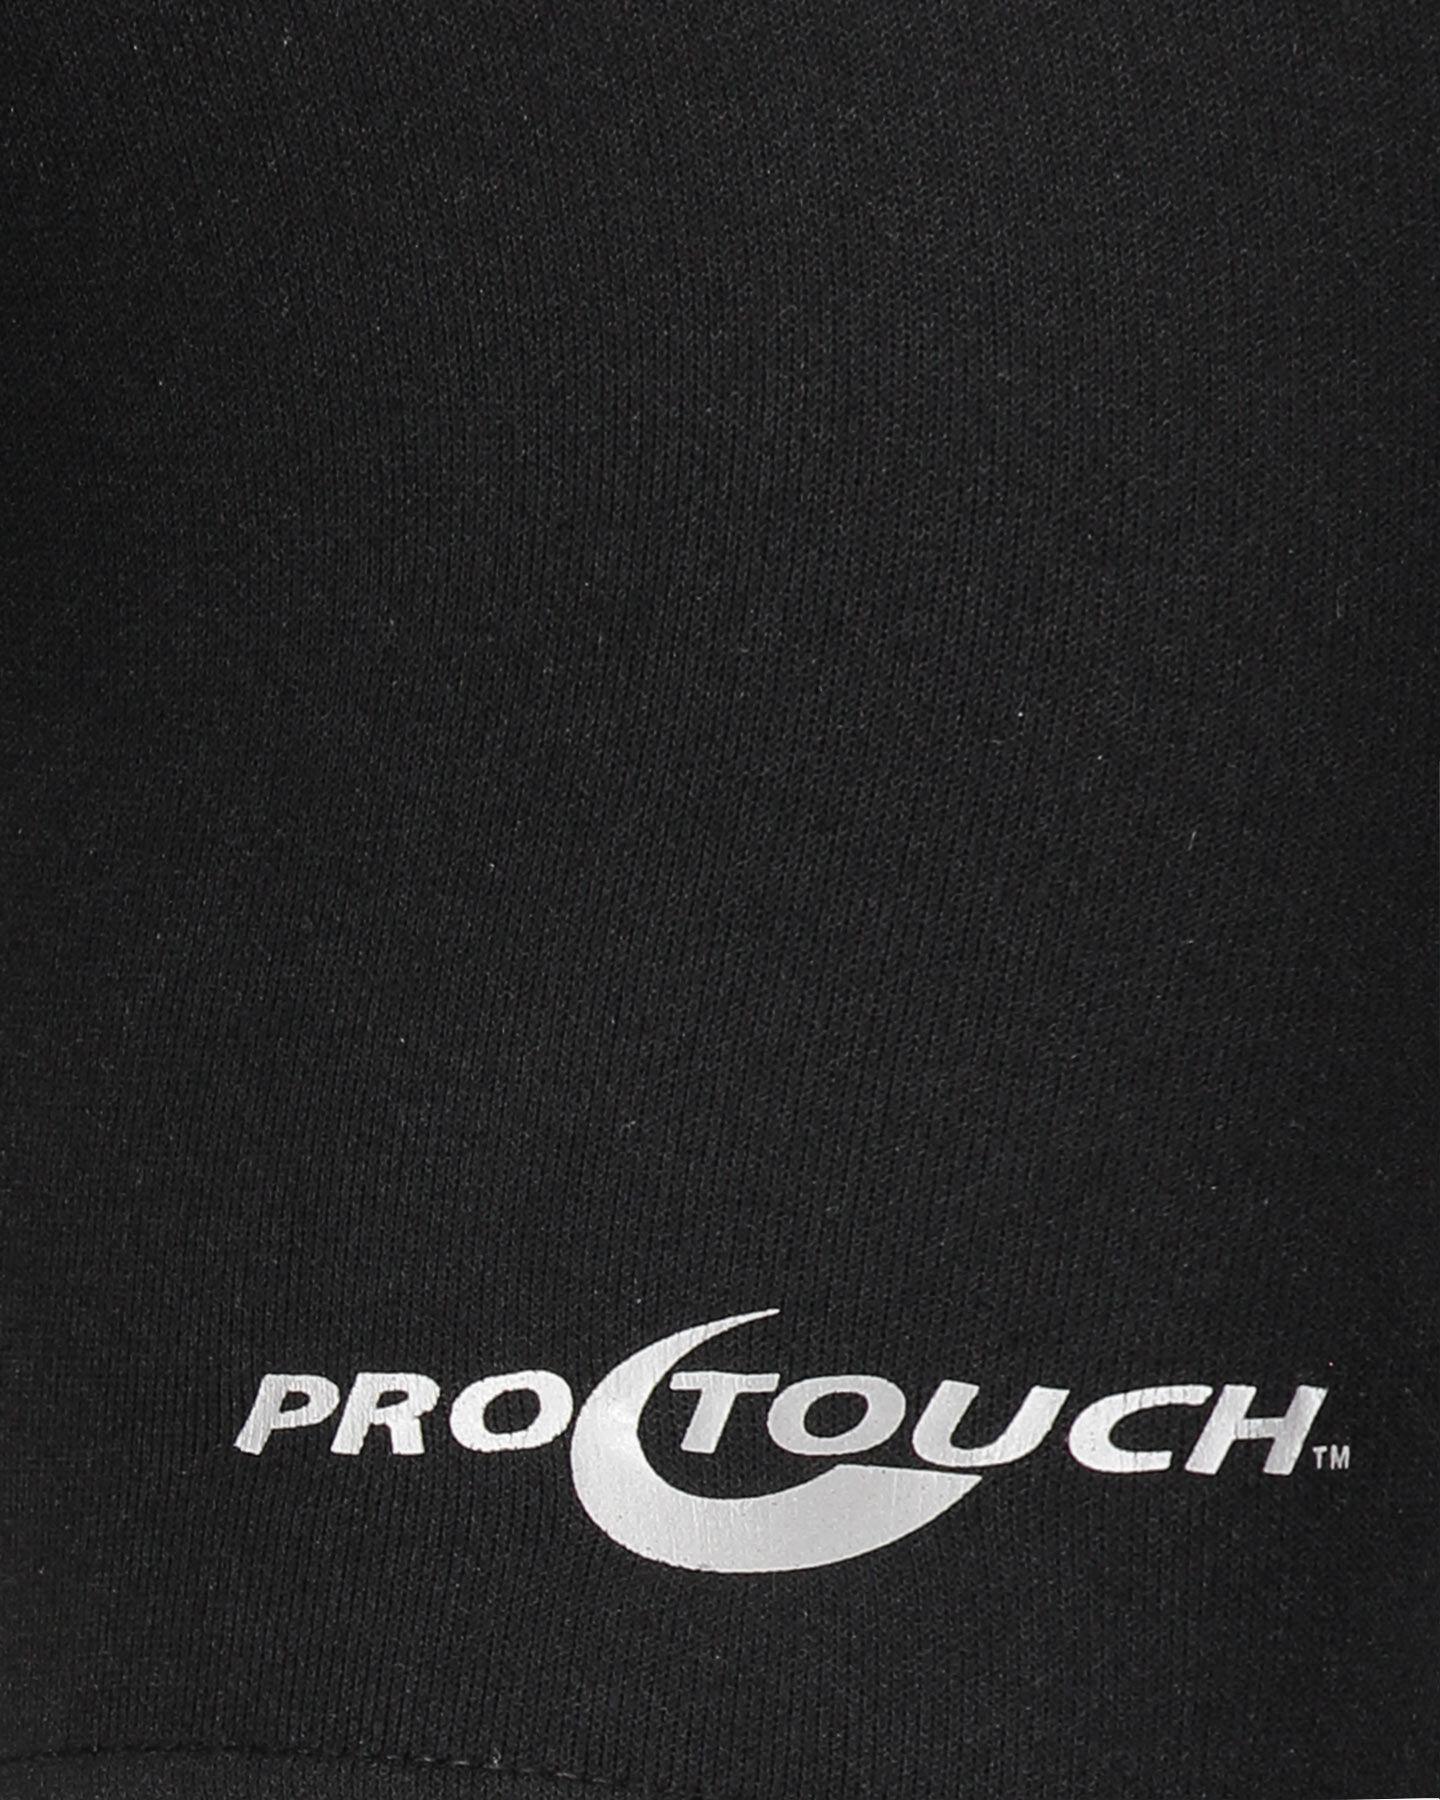 Pantaloncini intimo tecnico PRO TOUCH SCALDAMUSCOLI CALCIO M S1160953 scatto 3